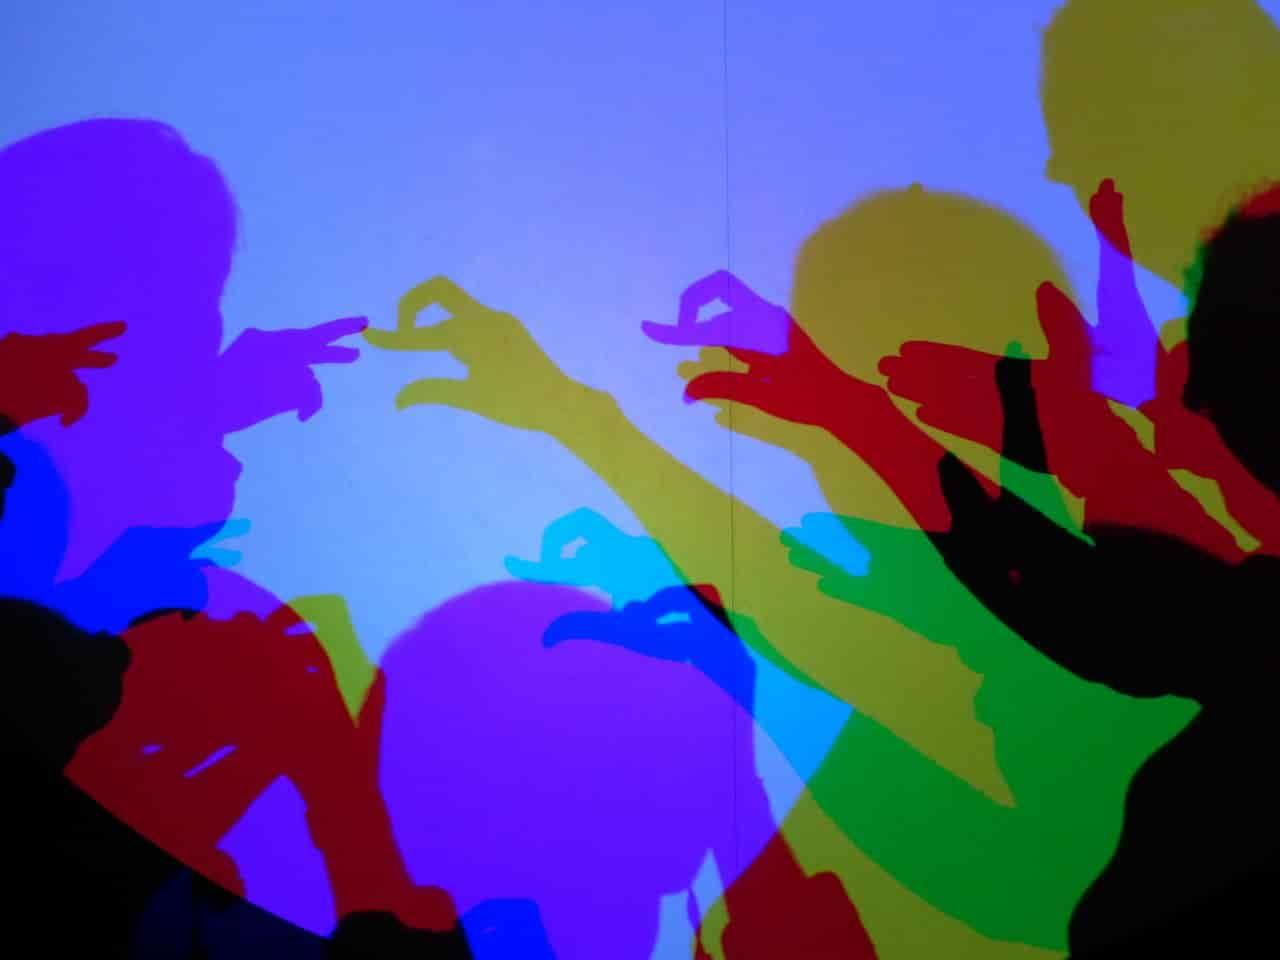 色とりどりの複数の人の影